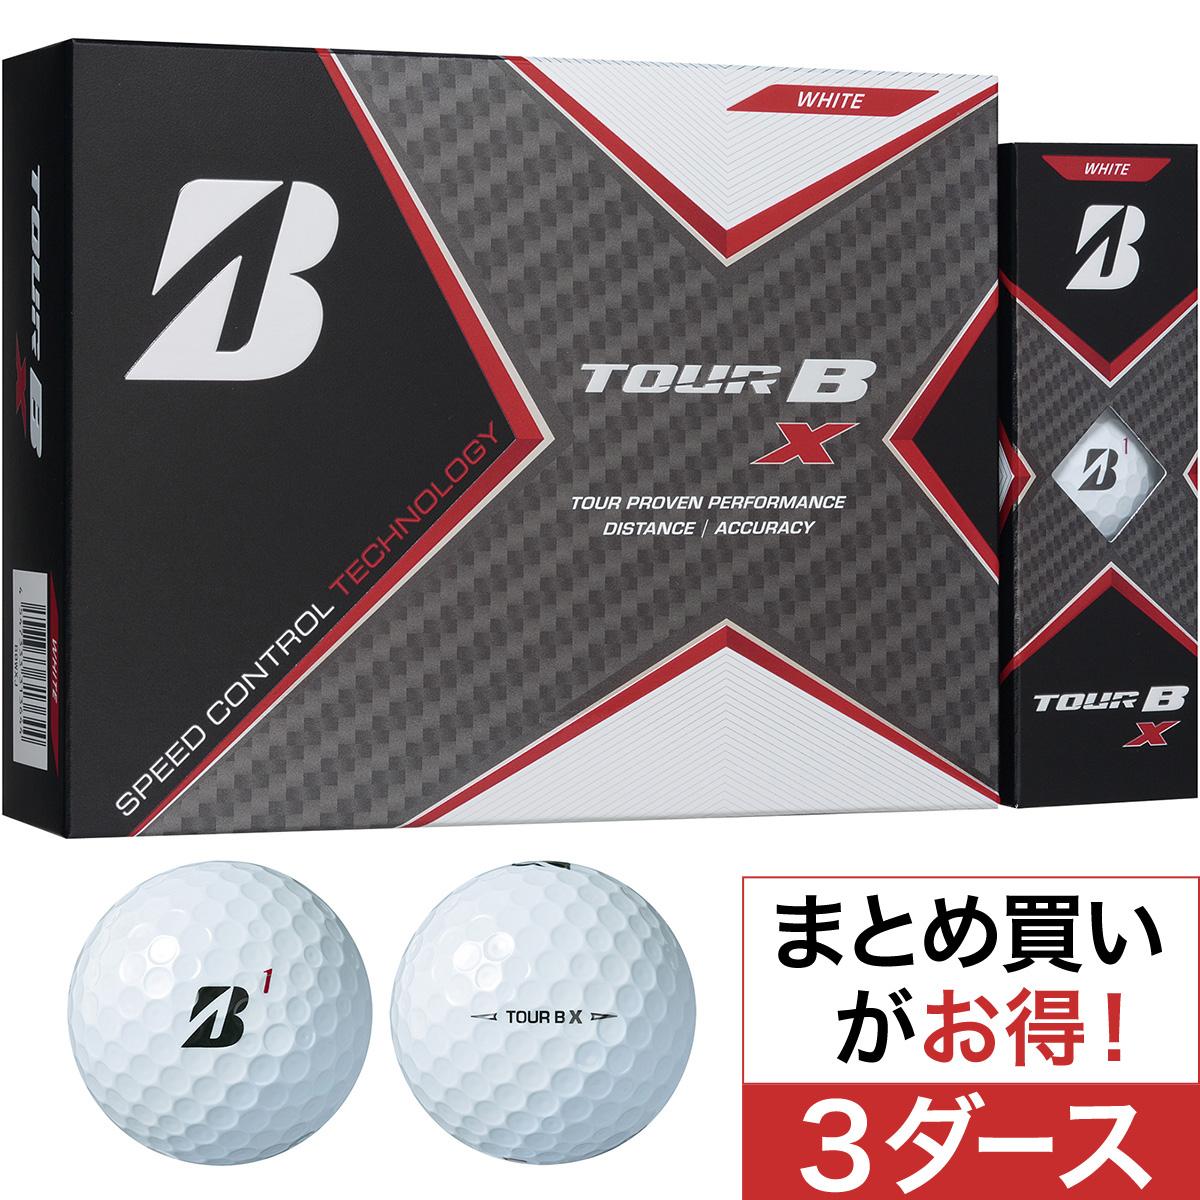 TOUR B X ボール 3ダースセット【オンネームサービス有り】【2020年2月21日発売予定】